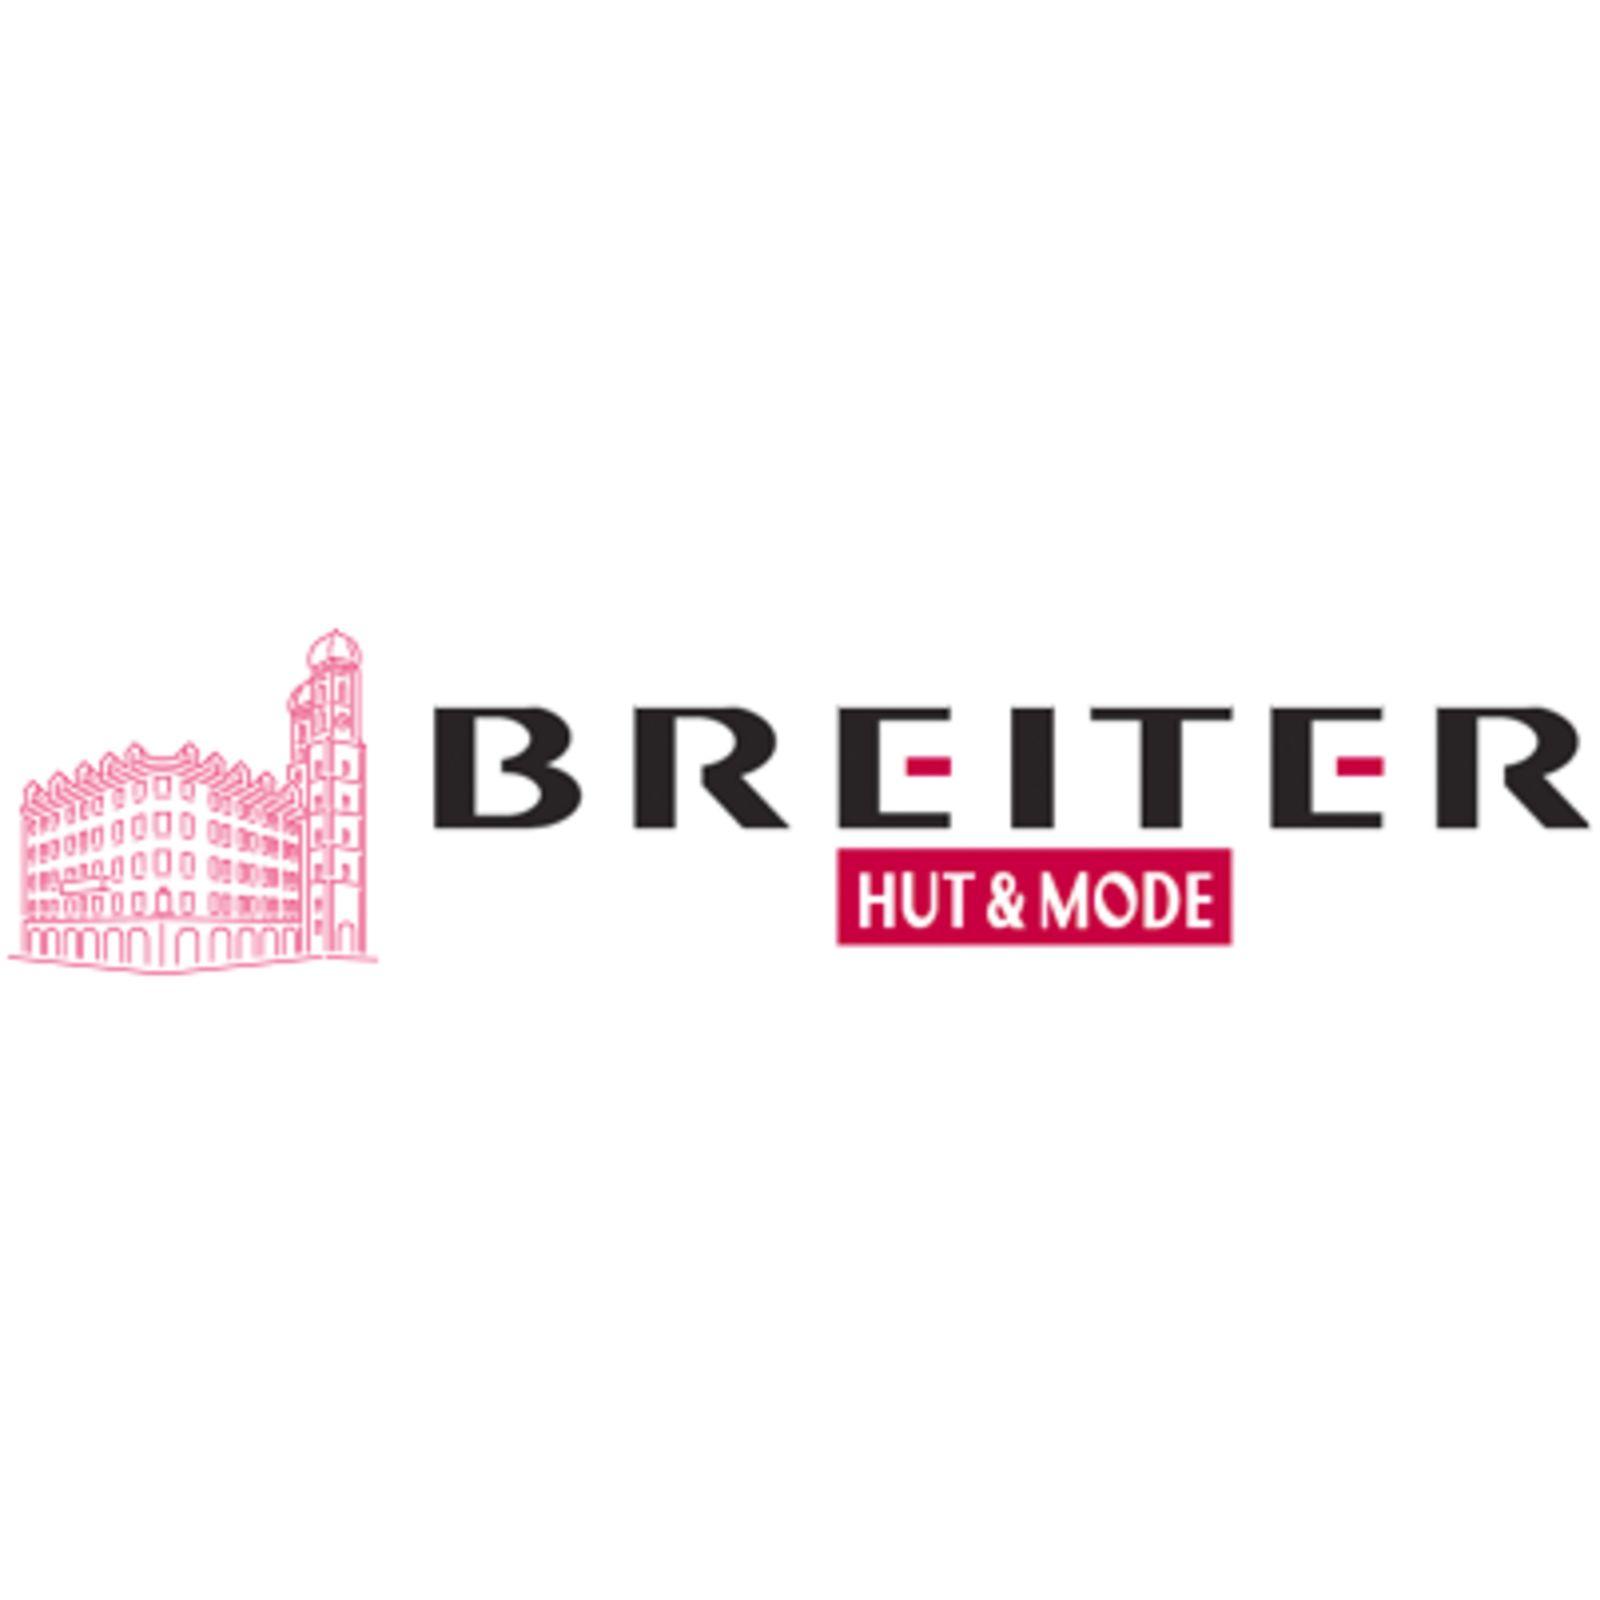 Hut und Mode BREITER in München (Bild 1)